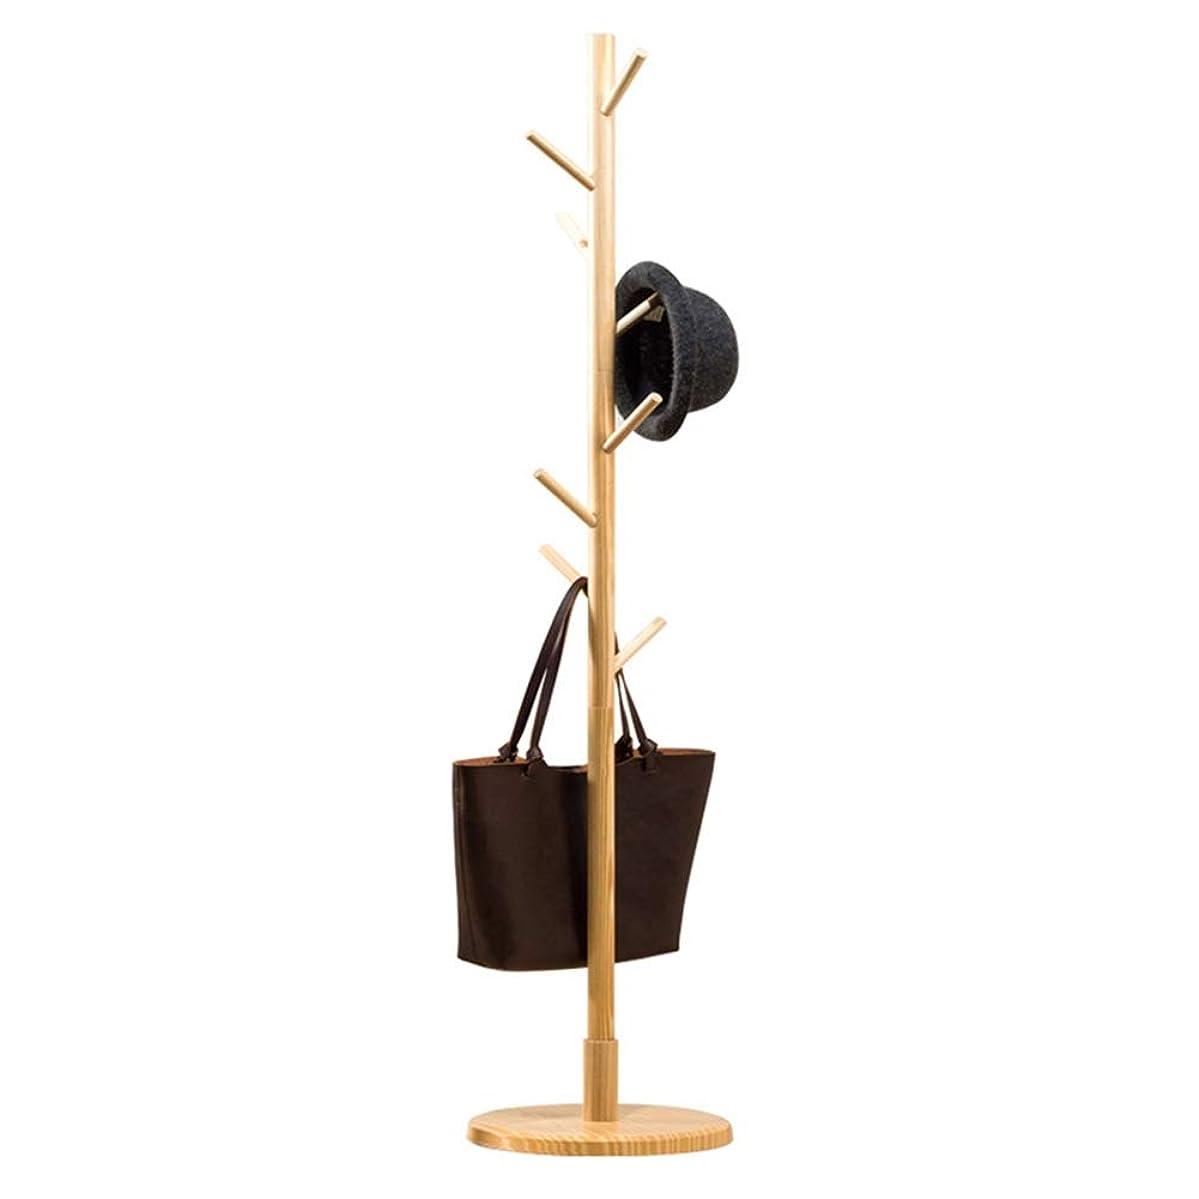 改修ステープル媒染剤ハンガーラック 家庭用の服ジャケット収納ハンガーオーガナイザー165 cmのための適切な8フック帽子コートスタンド付き木製コートラック